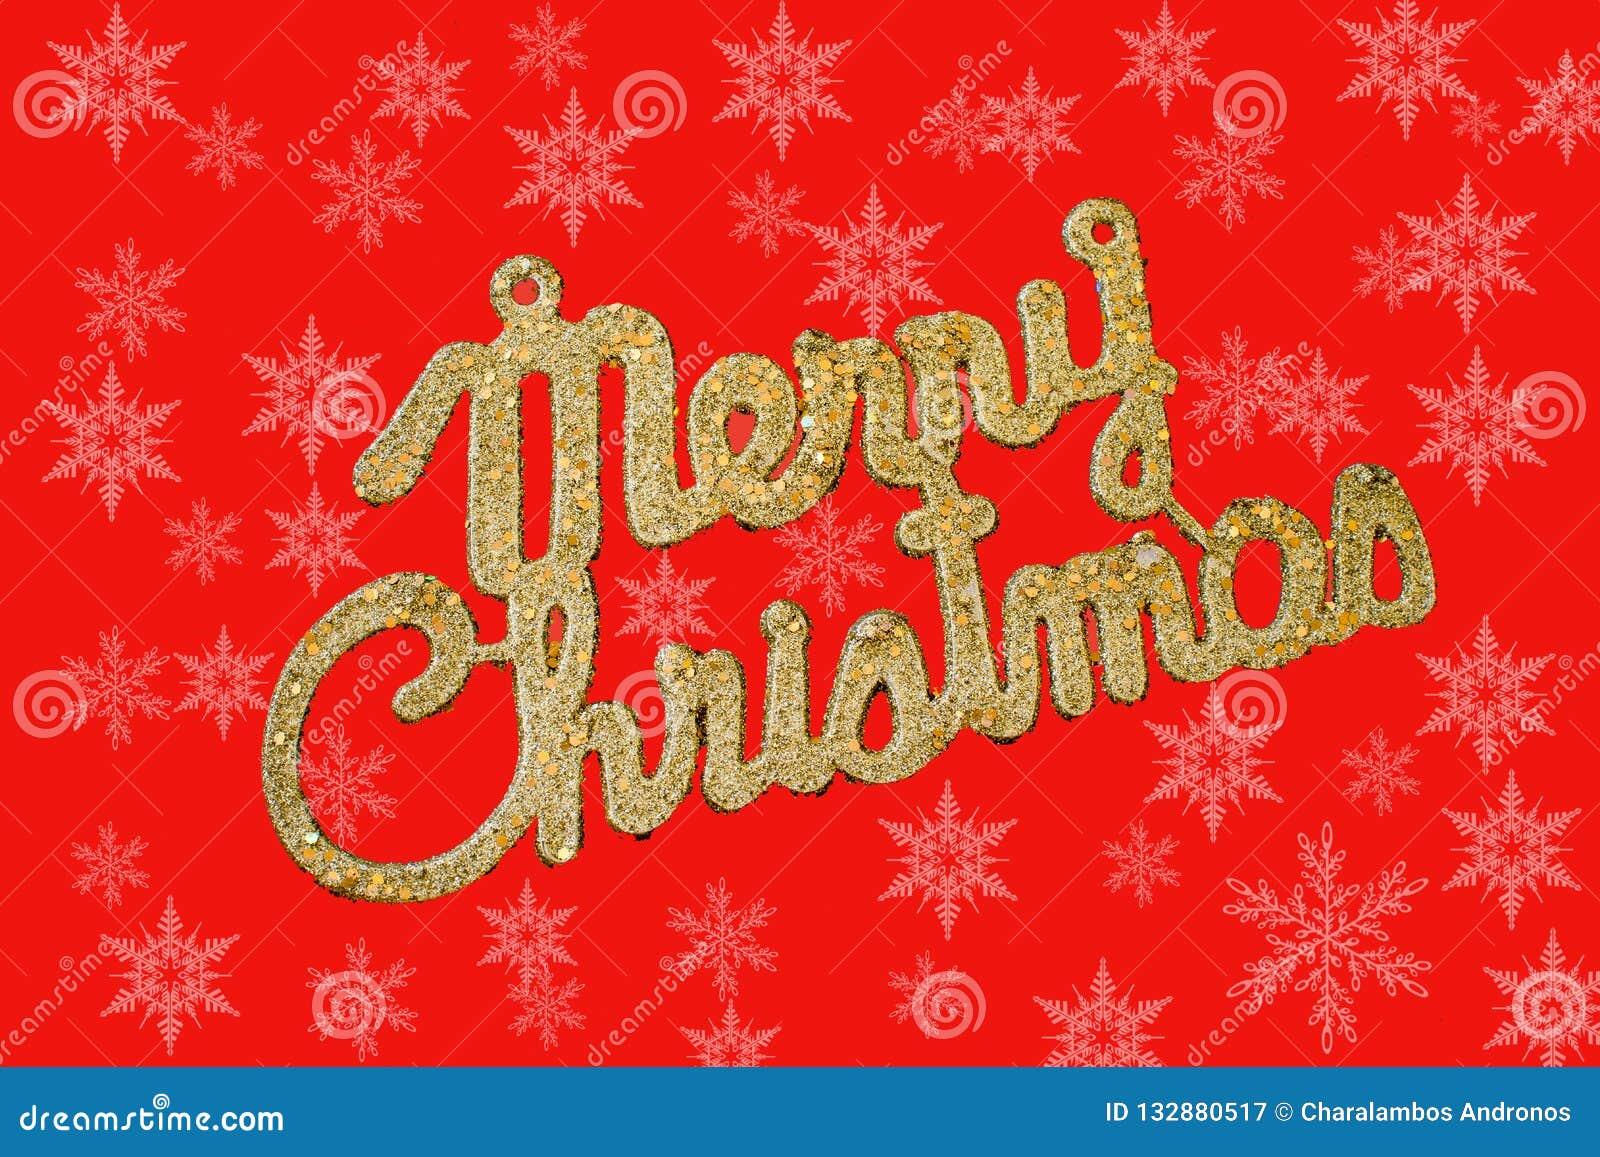 Текст веселого рождества золотой на красной предпосылке со снежинками